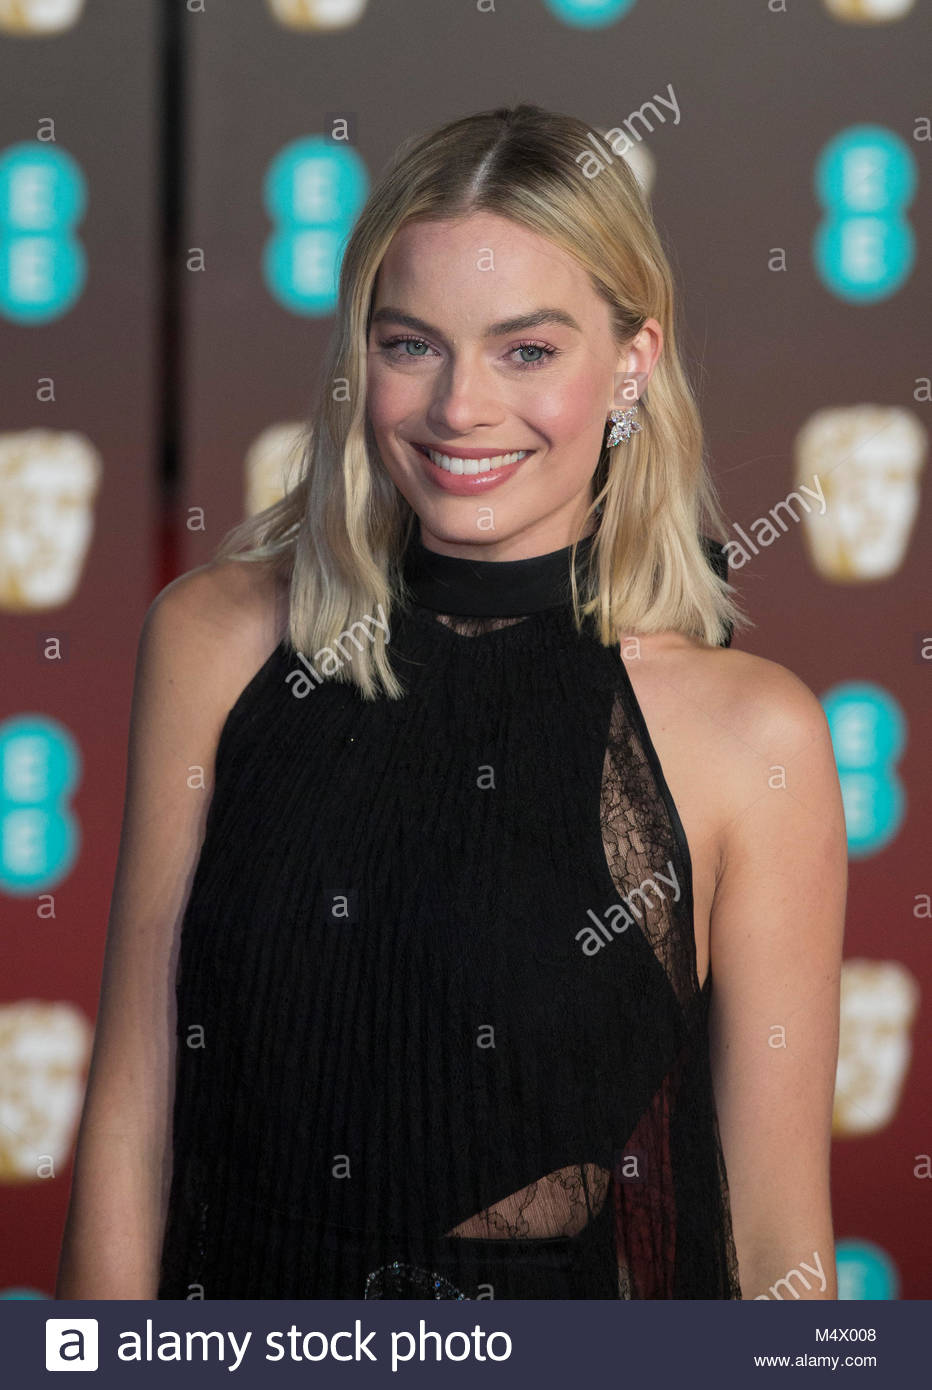 Londres, Reino Unido. 18 de Fevereiro 2018. Margot Robbie na cerimônia de entrega dos prêmios BAFTA são realizadas Foto de Stock